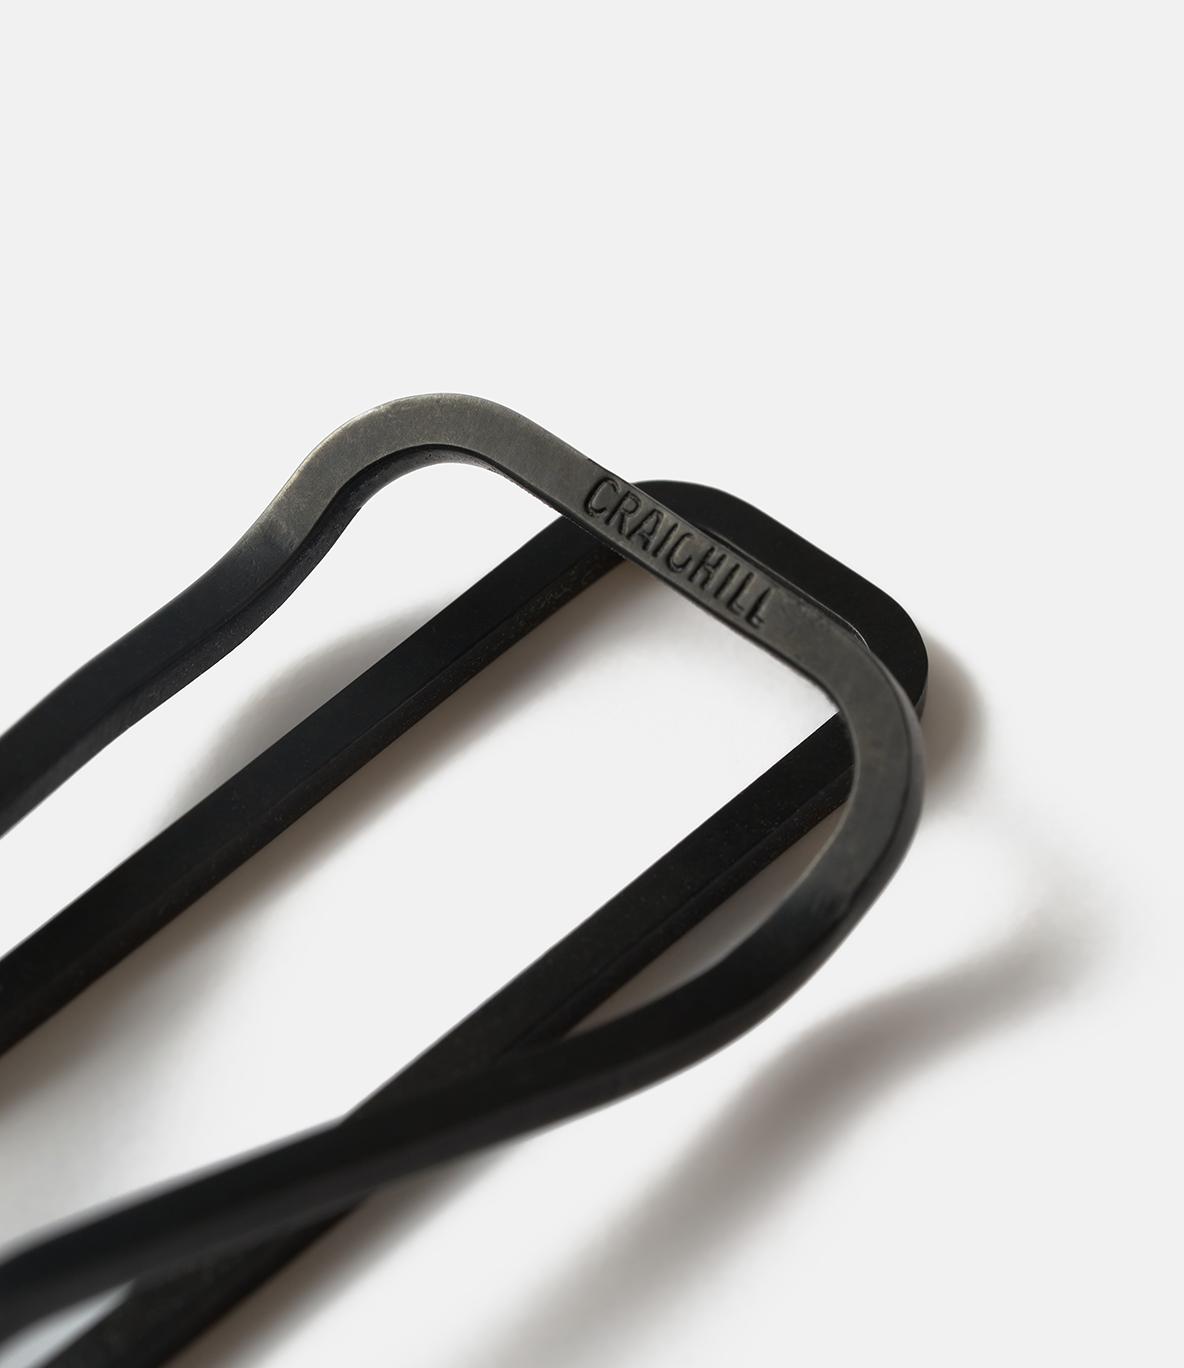 Craighill Square Carbon Black — зажим для купюр: мелонитовая сталь